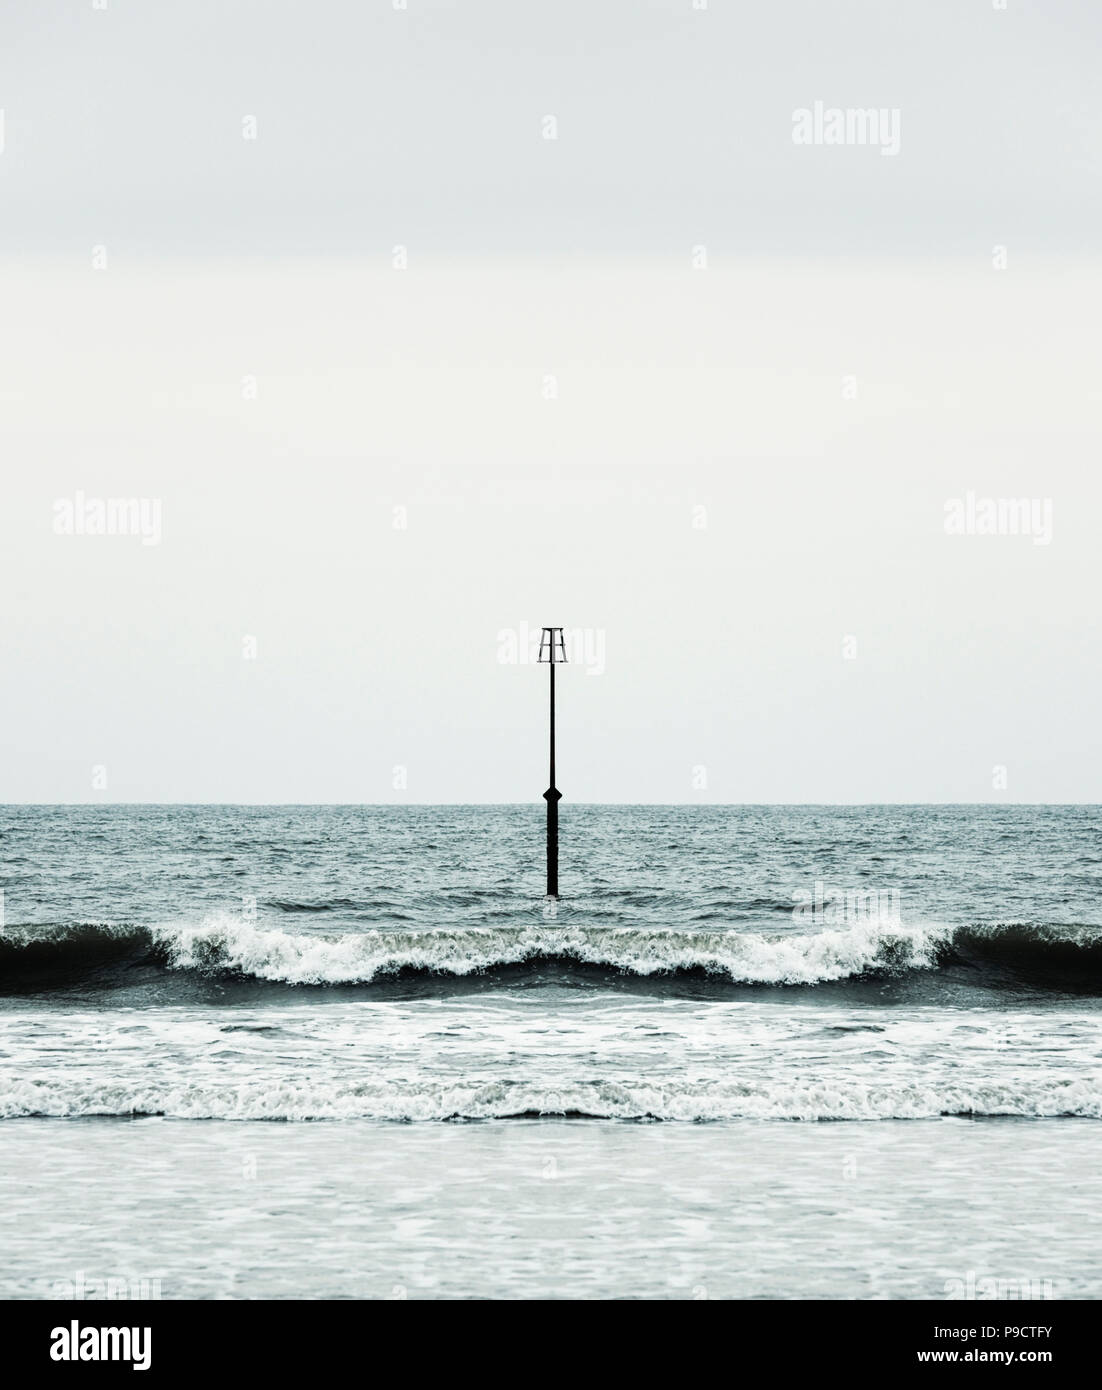 Les vagues et la rupture de surf sur une plage autour d'un épi, England UK - concept de symétrie Photo Stock